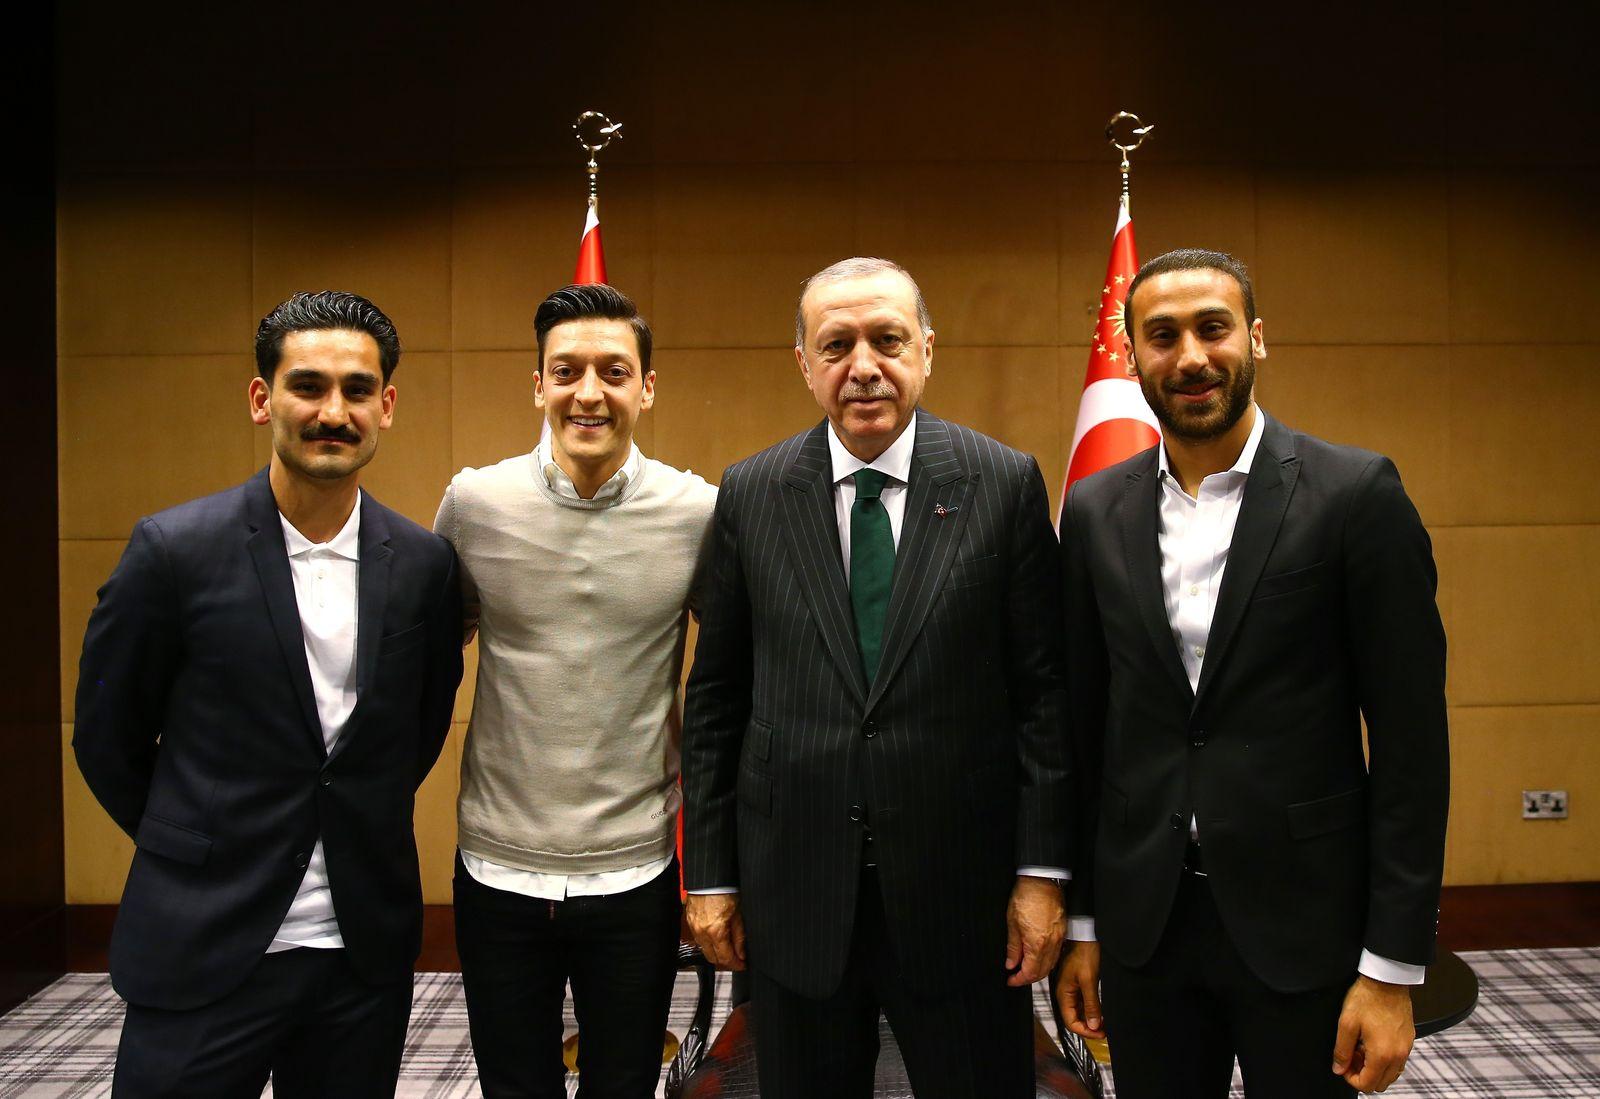 Ilkay Gundogan/ Mesut Ozil/ Cenk Tosun/ Recep Tayyip Erdogan